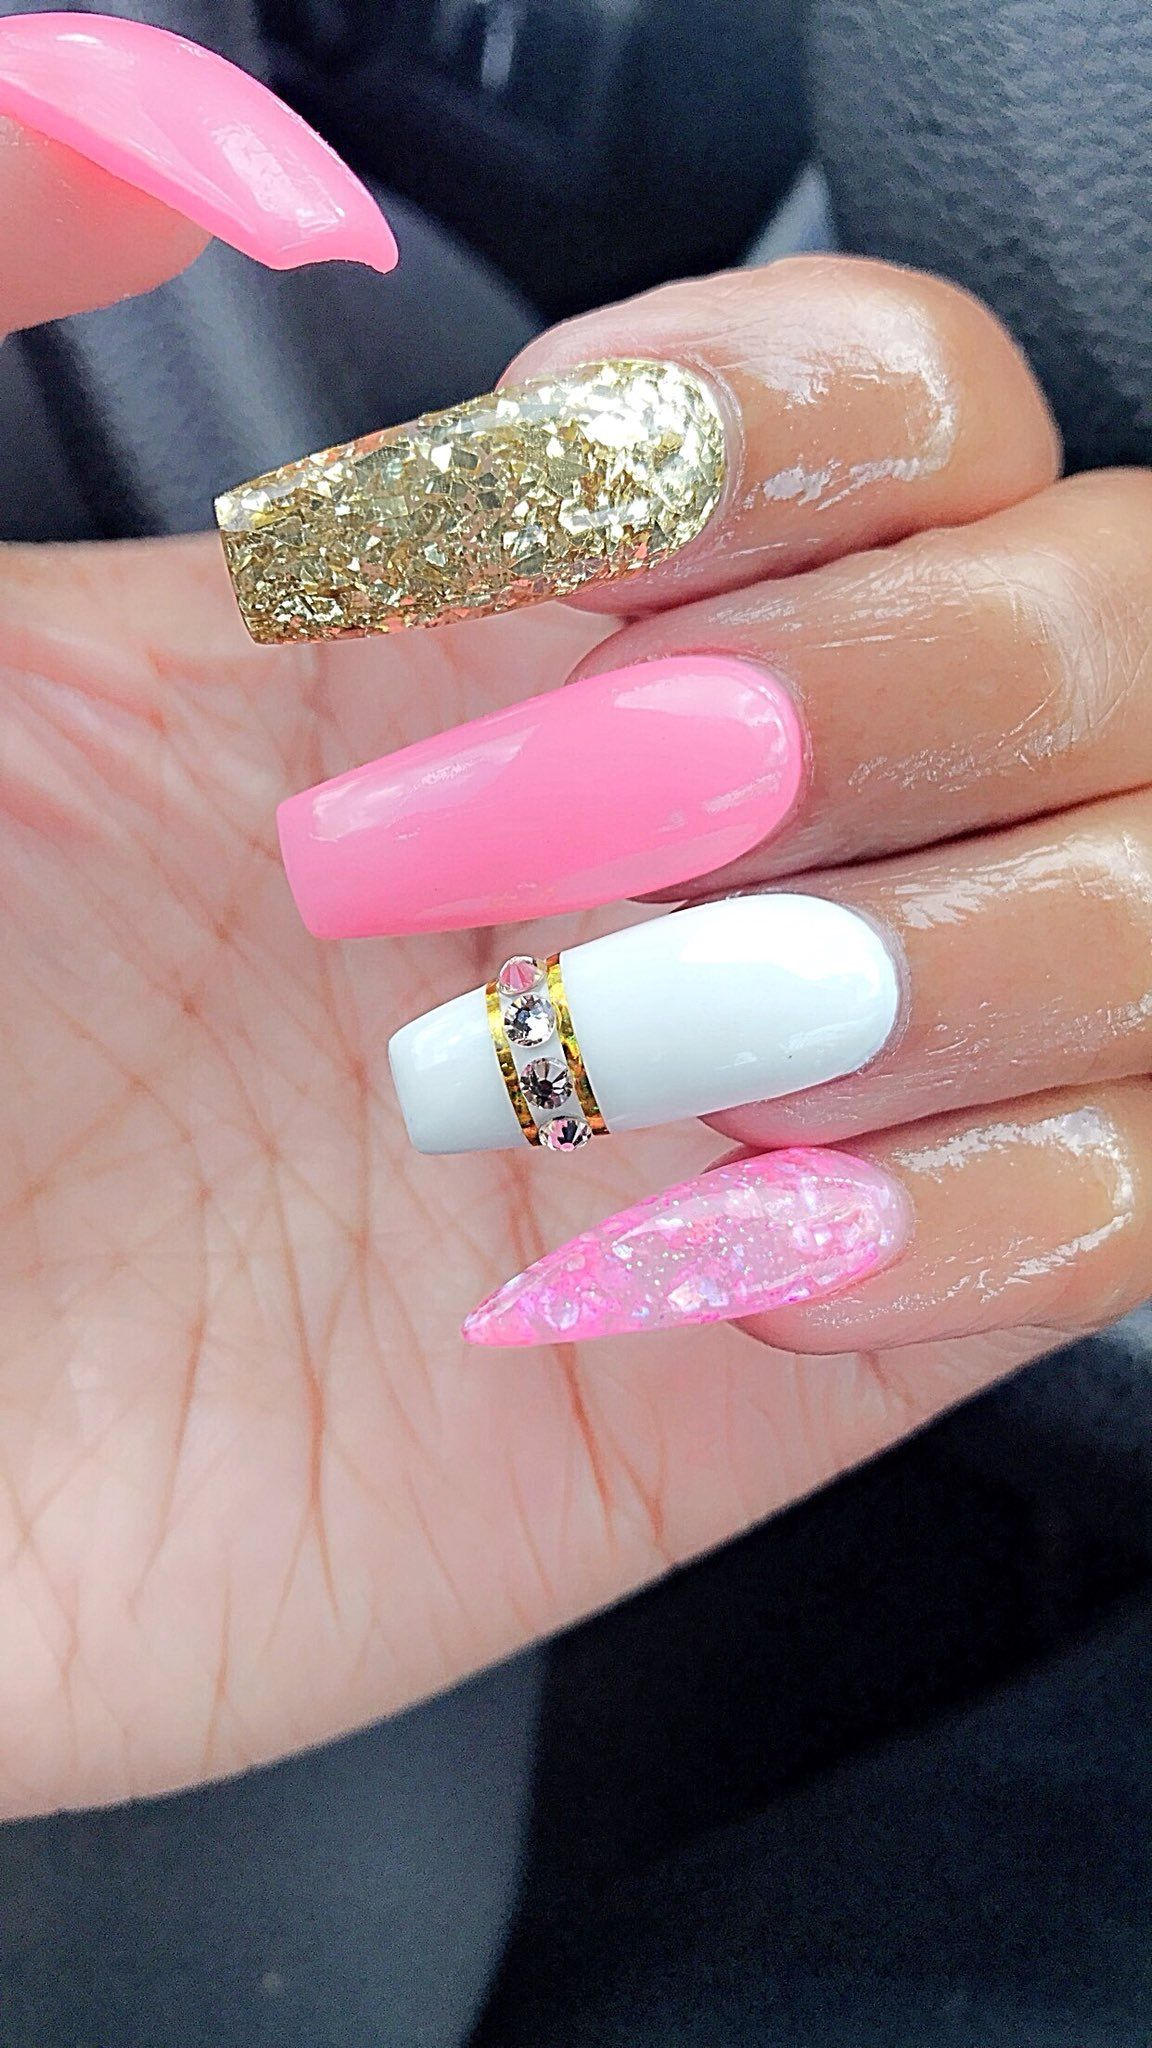 Pin de june24th😆 en nails | Pinterest | Diseños de uñas, Bonitas y ...